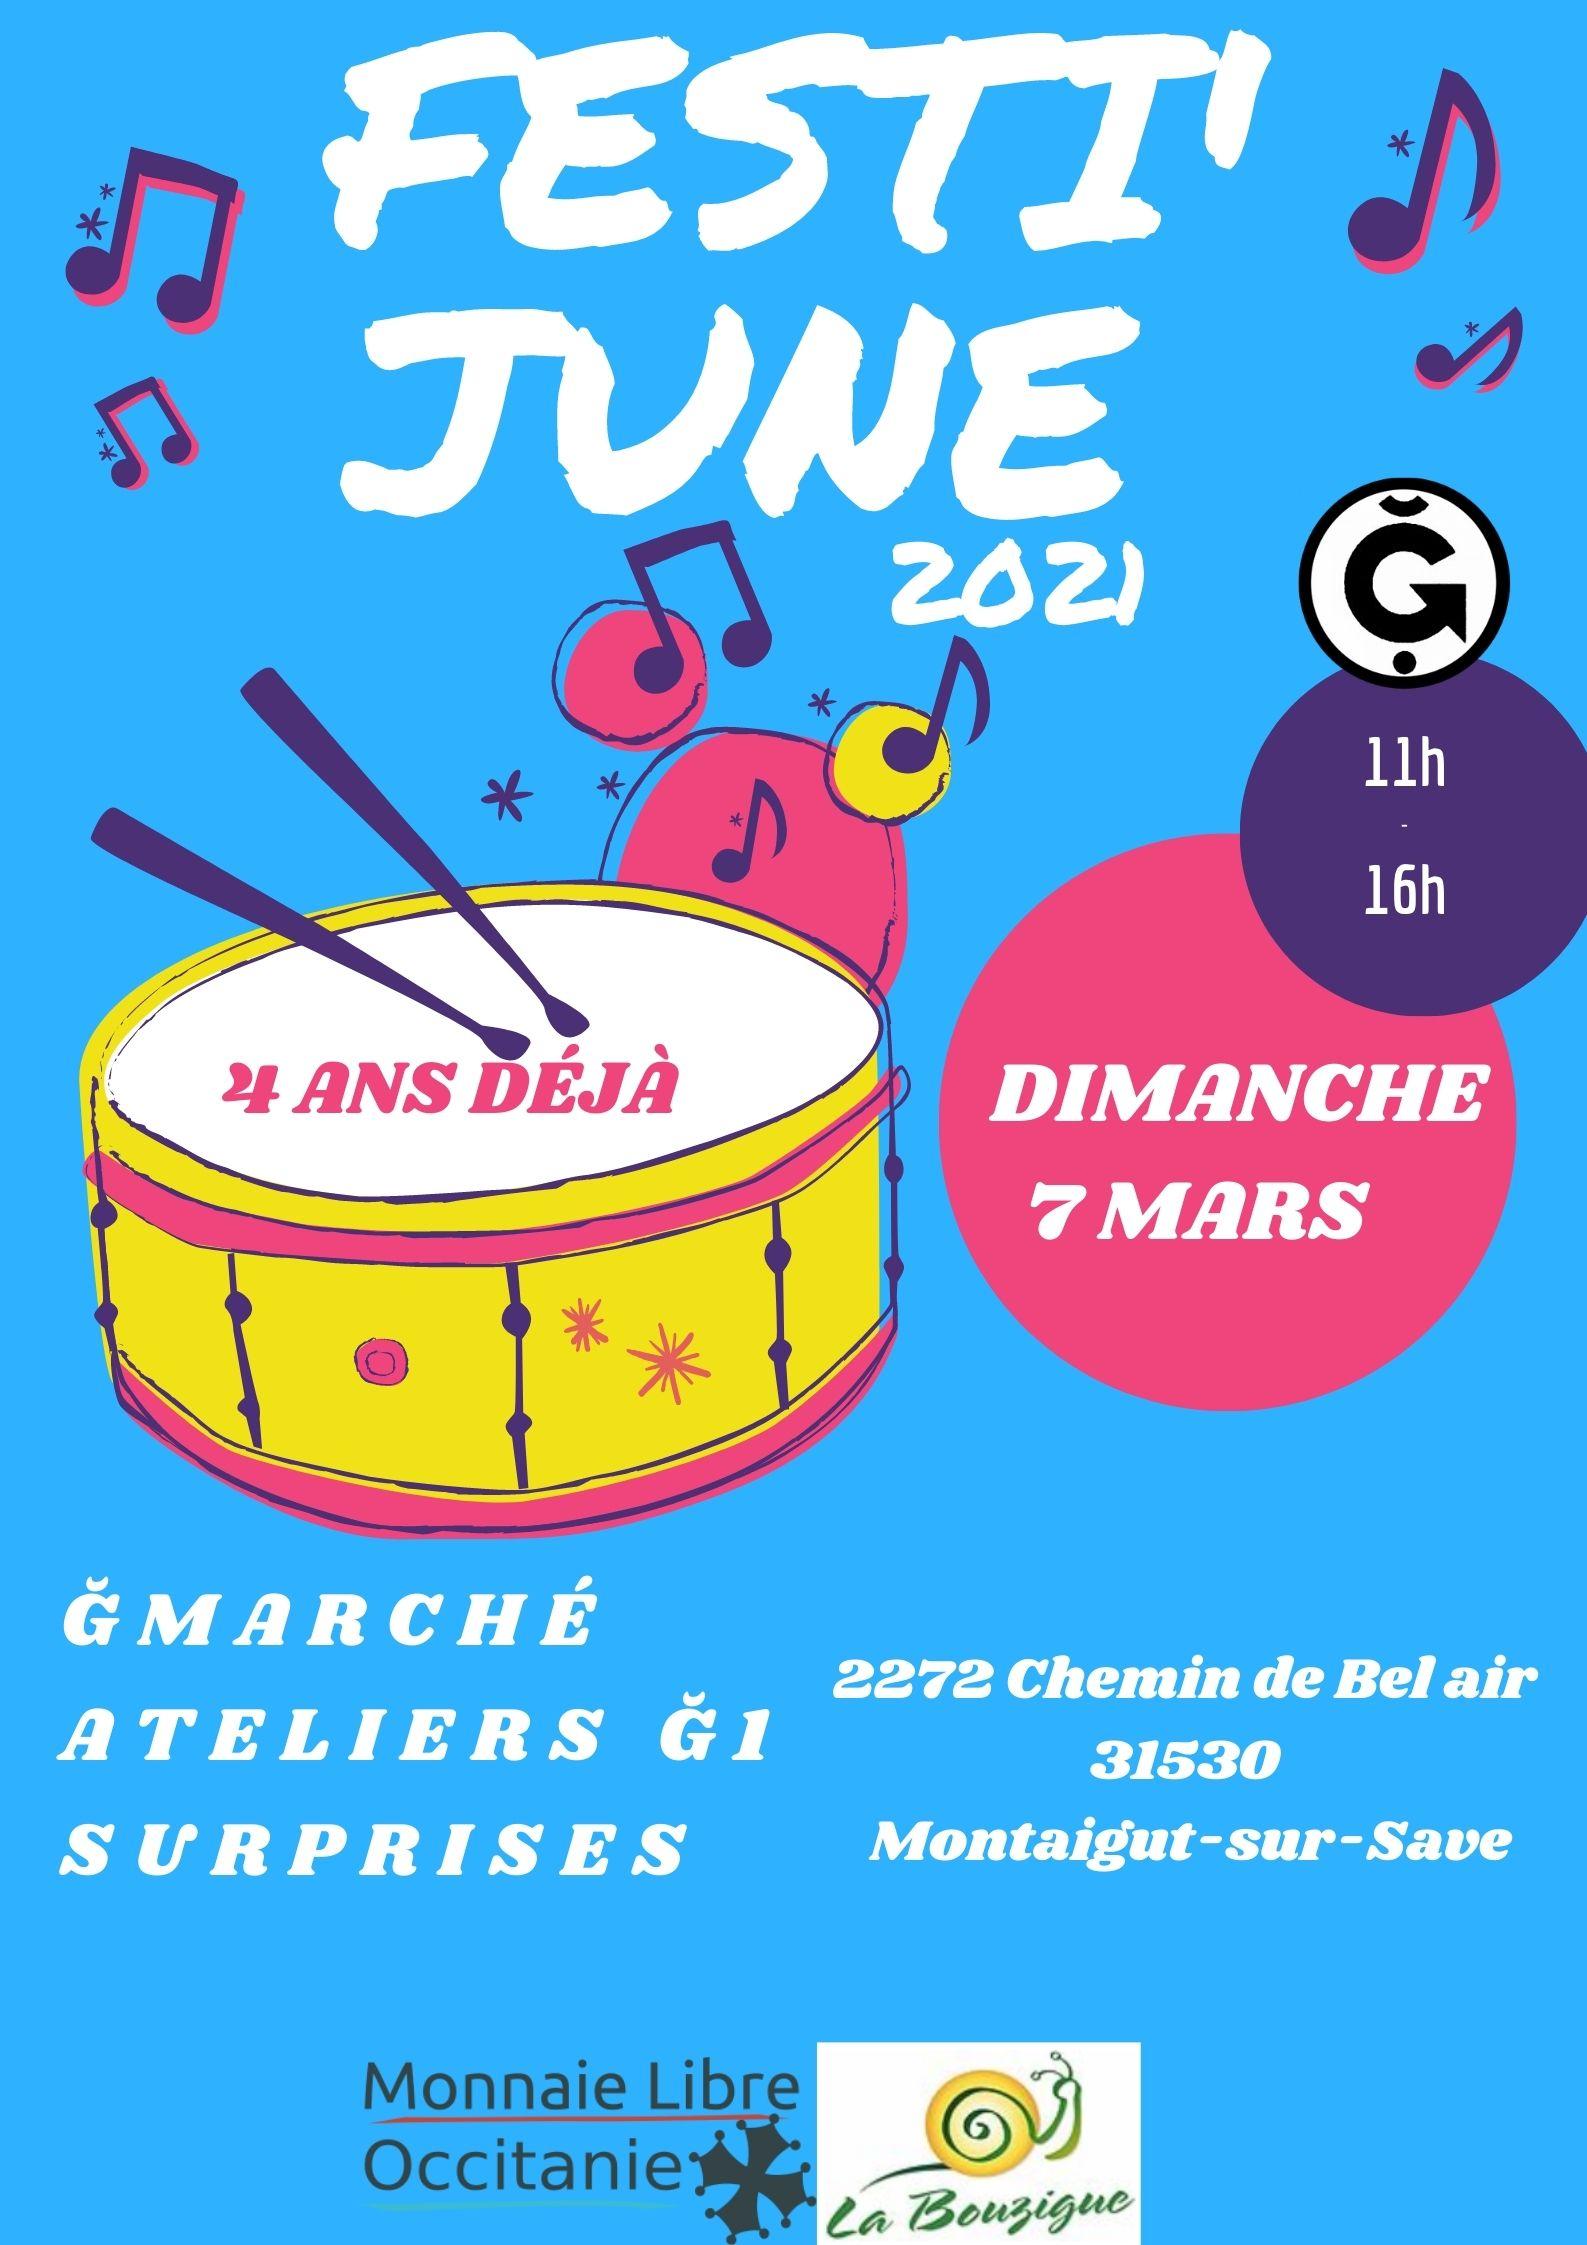 FESTI'JUNE 2021 à la Ferme de la Bouzigue